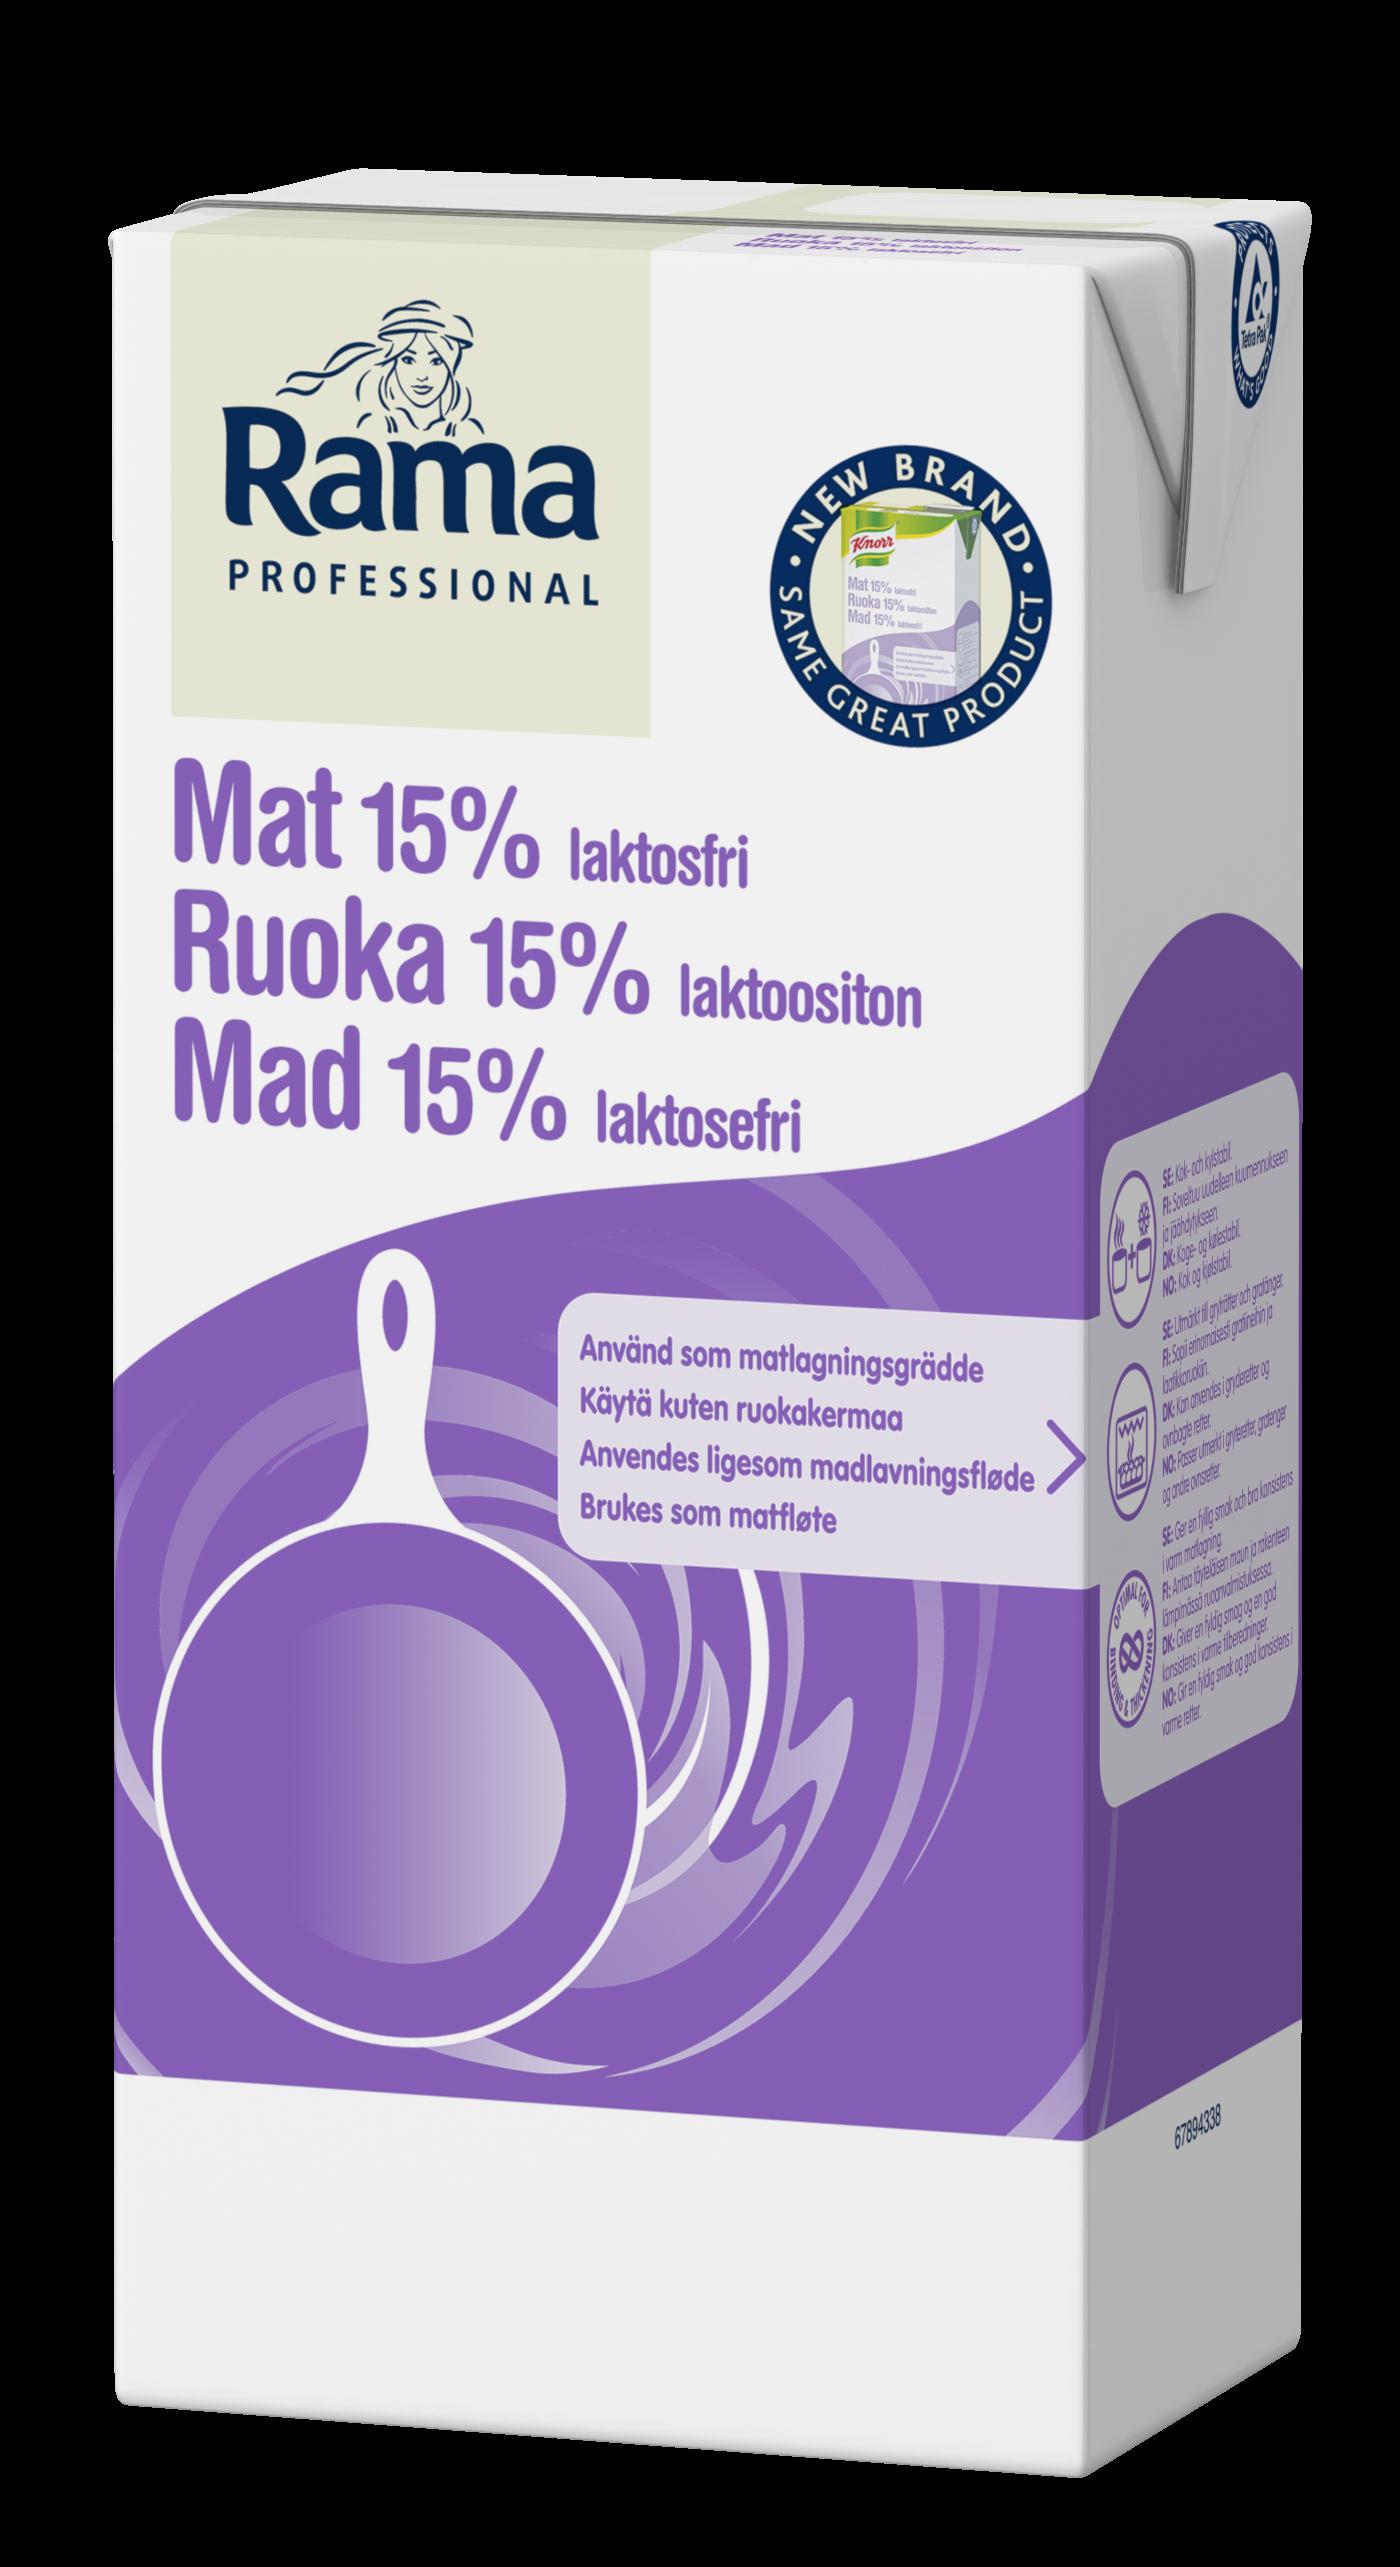 Rama Professional Ruoka Laktoositon 15%  1L - Rama Professional Ruoka 15% säilyttää aina rakenteensa kaikissa lämpimissä ruuissa